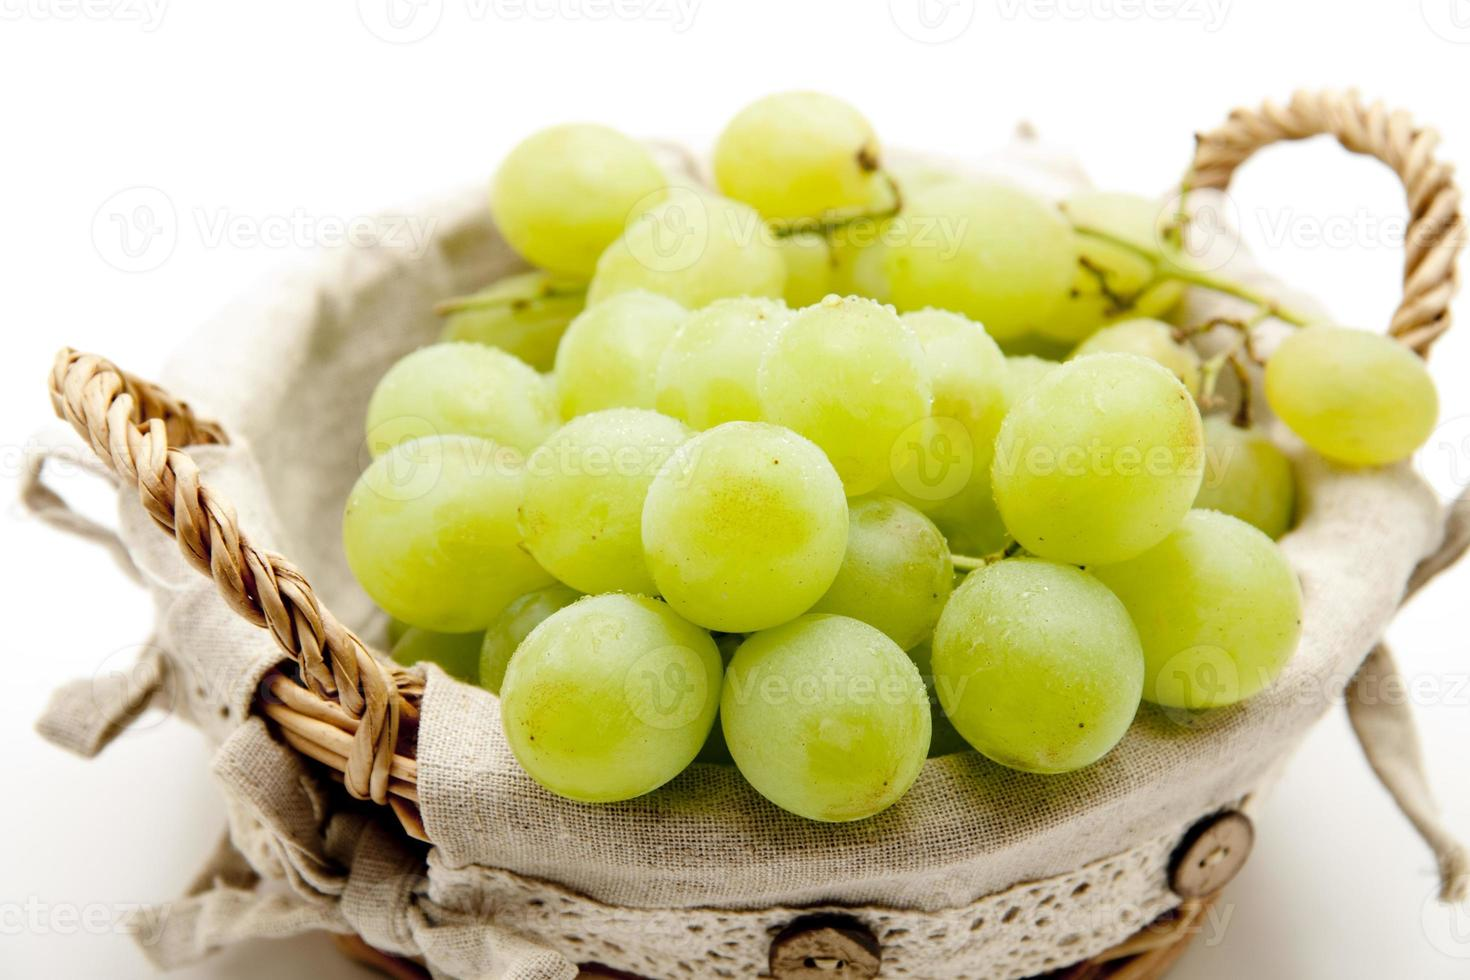 uvas en la canasta foto